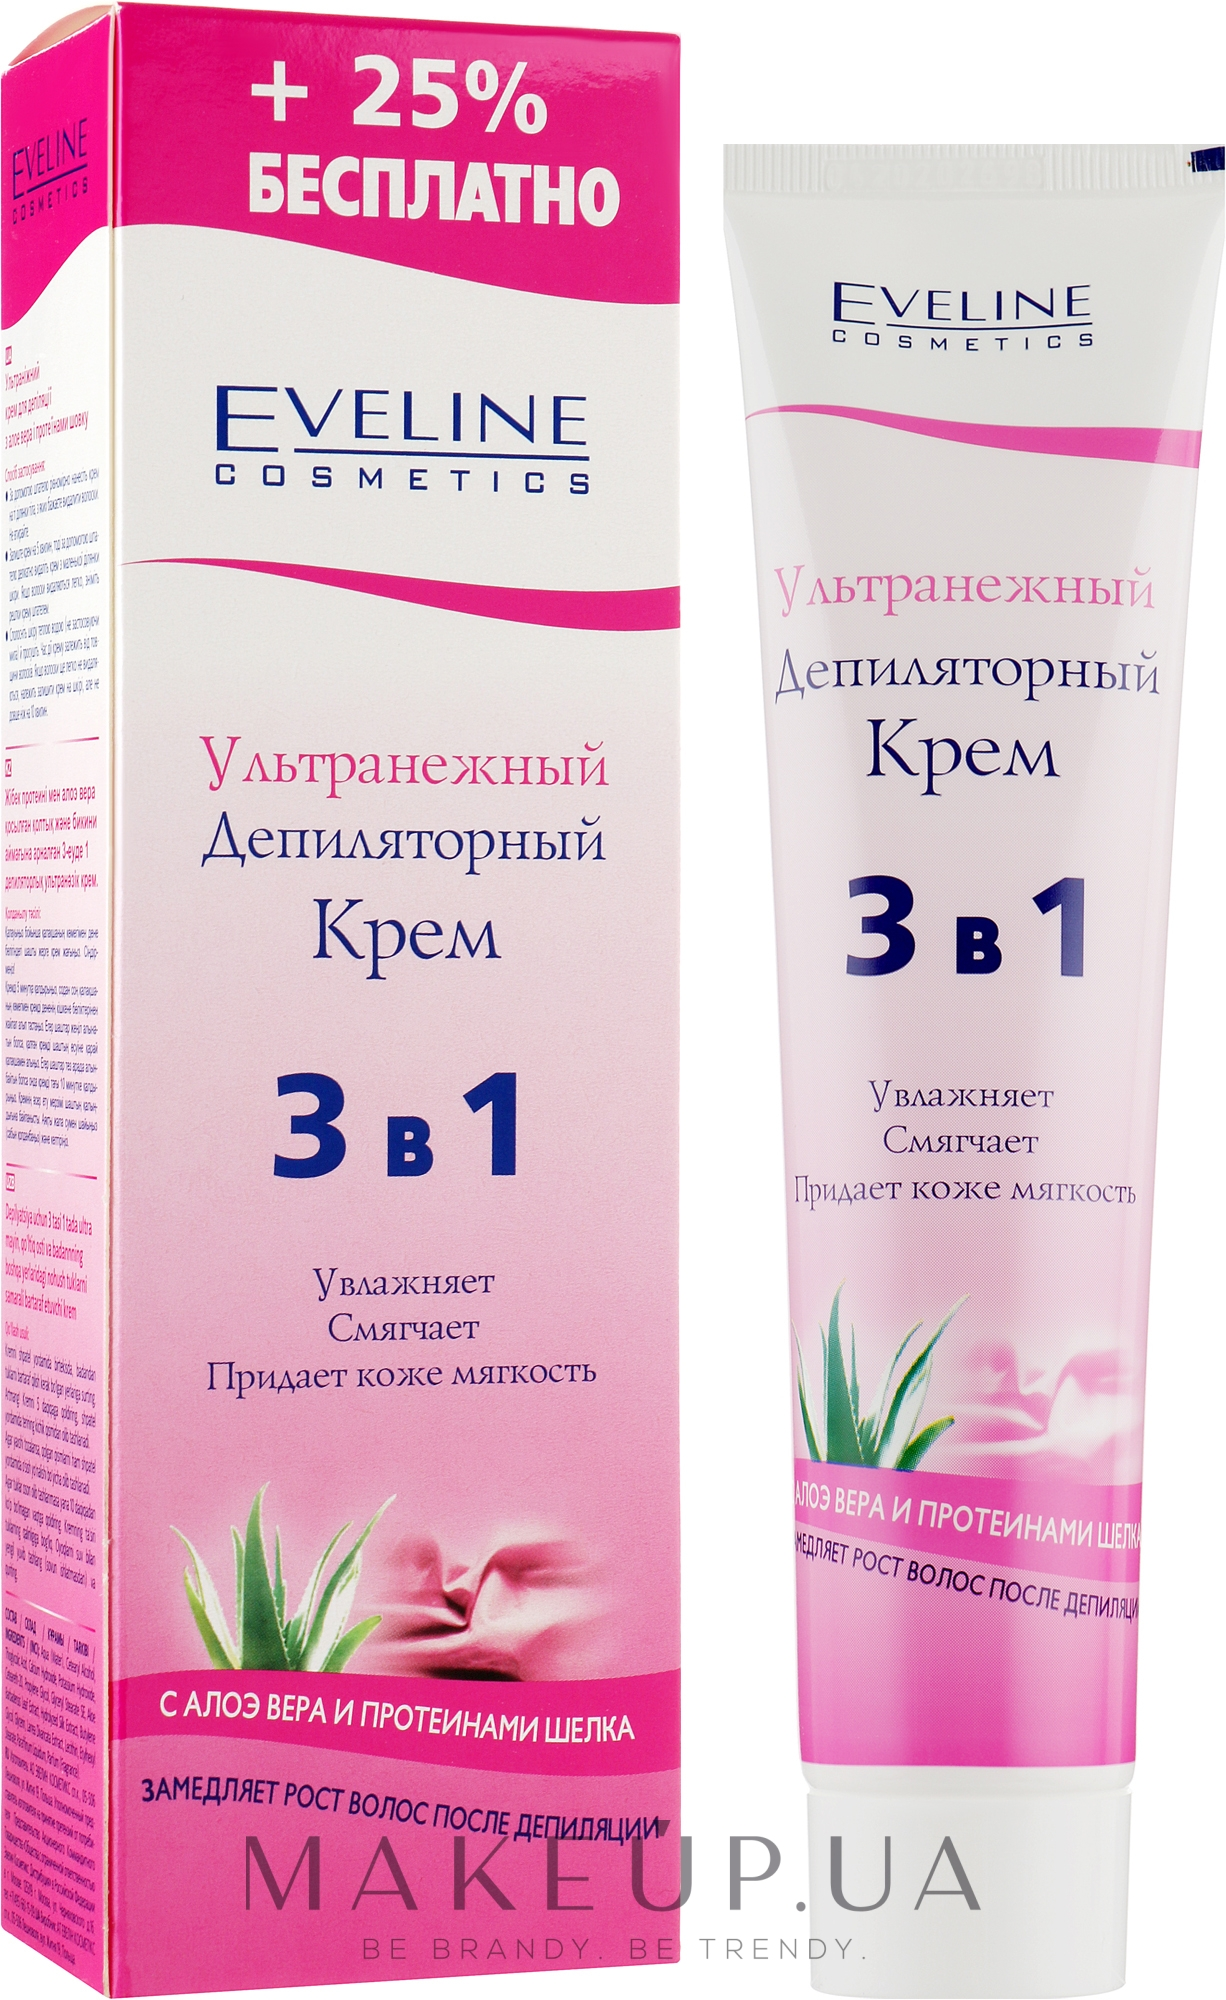 Купить косметику eveline в украине купить косметику в польше